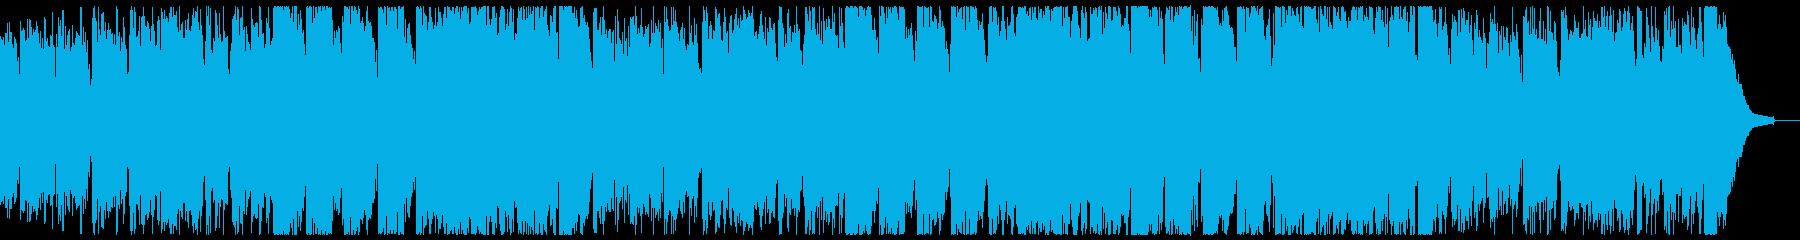 七夕の夜・おしゃれなストリングスのジャズの再生済みの波形